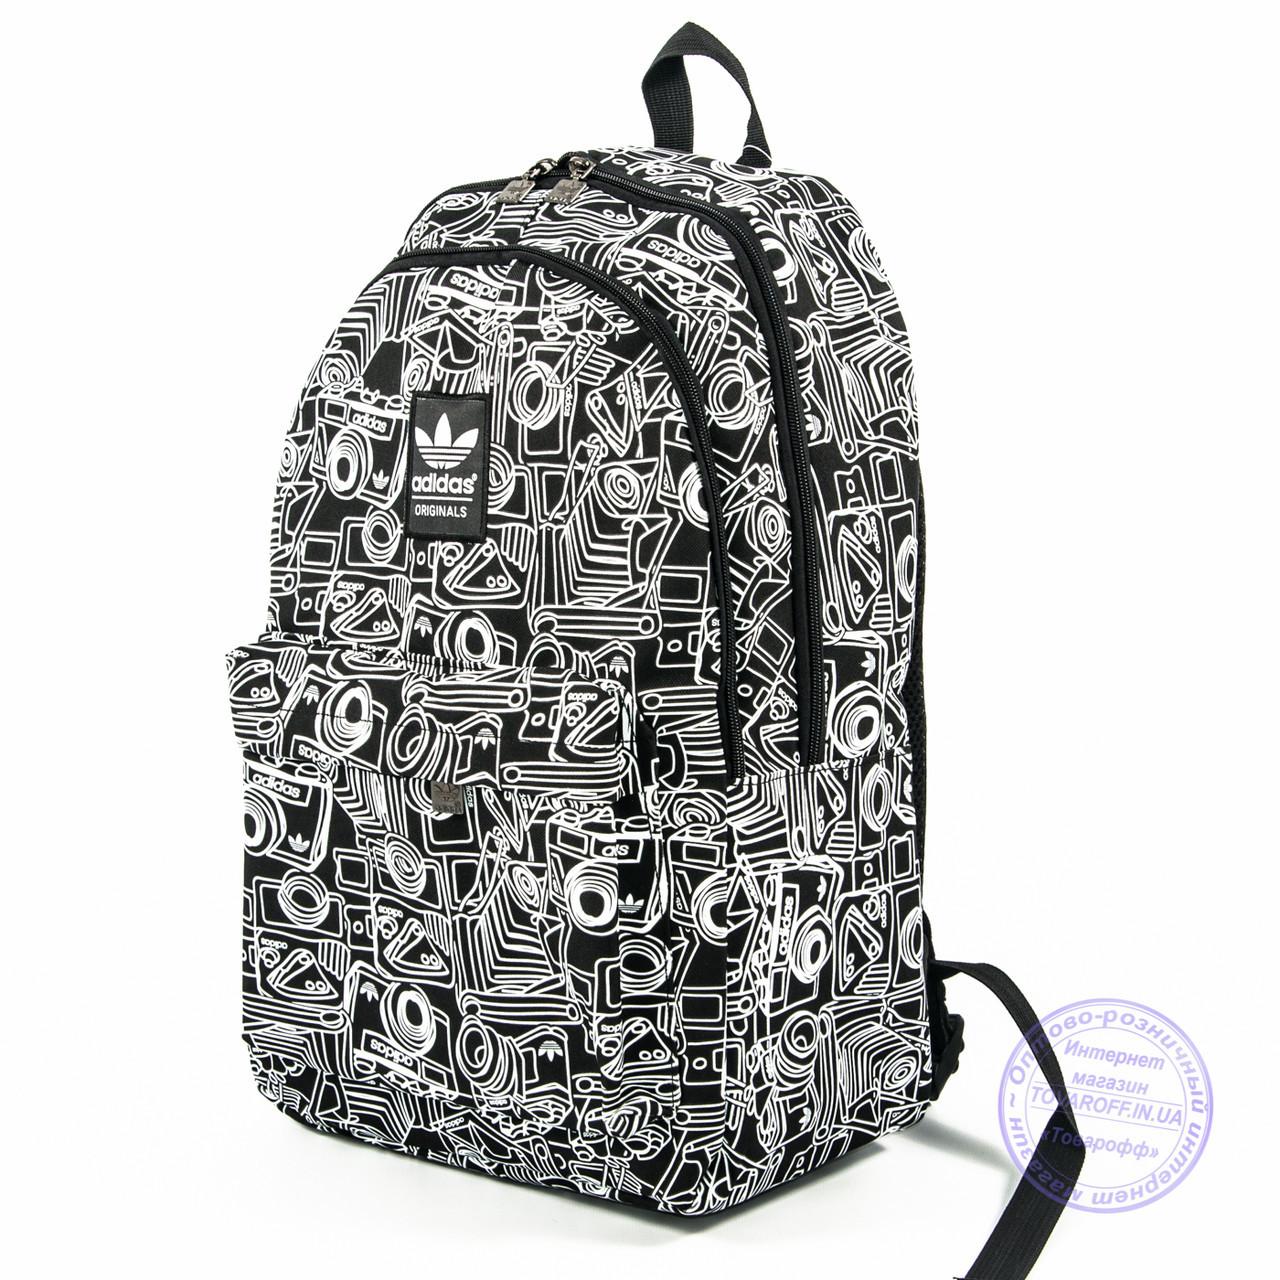 7cdfb9a39f6a Оптом спортивный рюкзак Adidas - черный - 605 - купить по лучшей ...